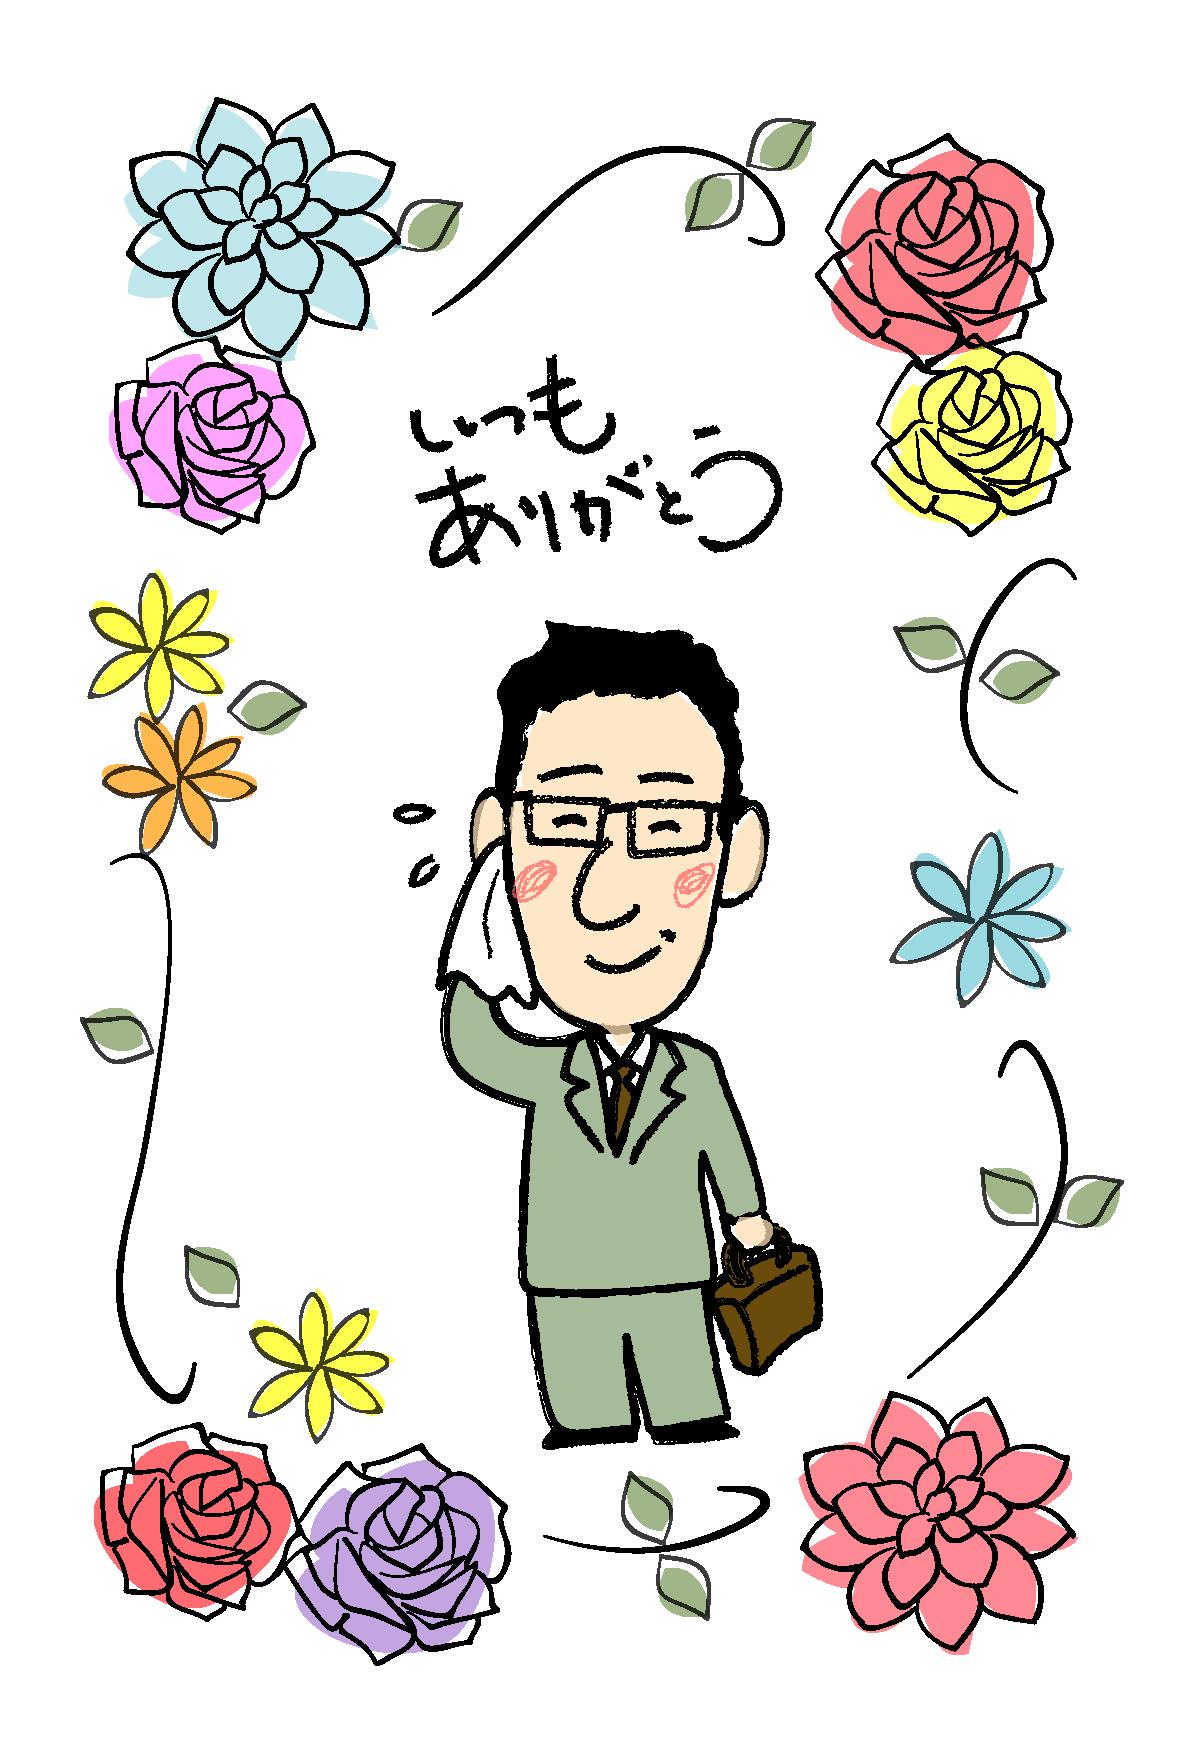 父の日はがき・いつもありがとう」ダウンロード|かわいい無料イラスト